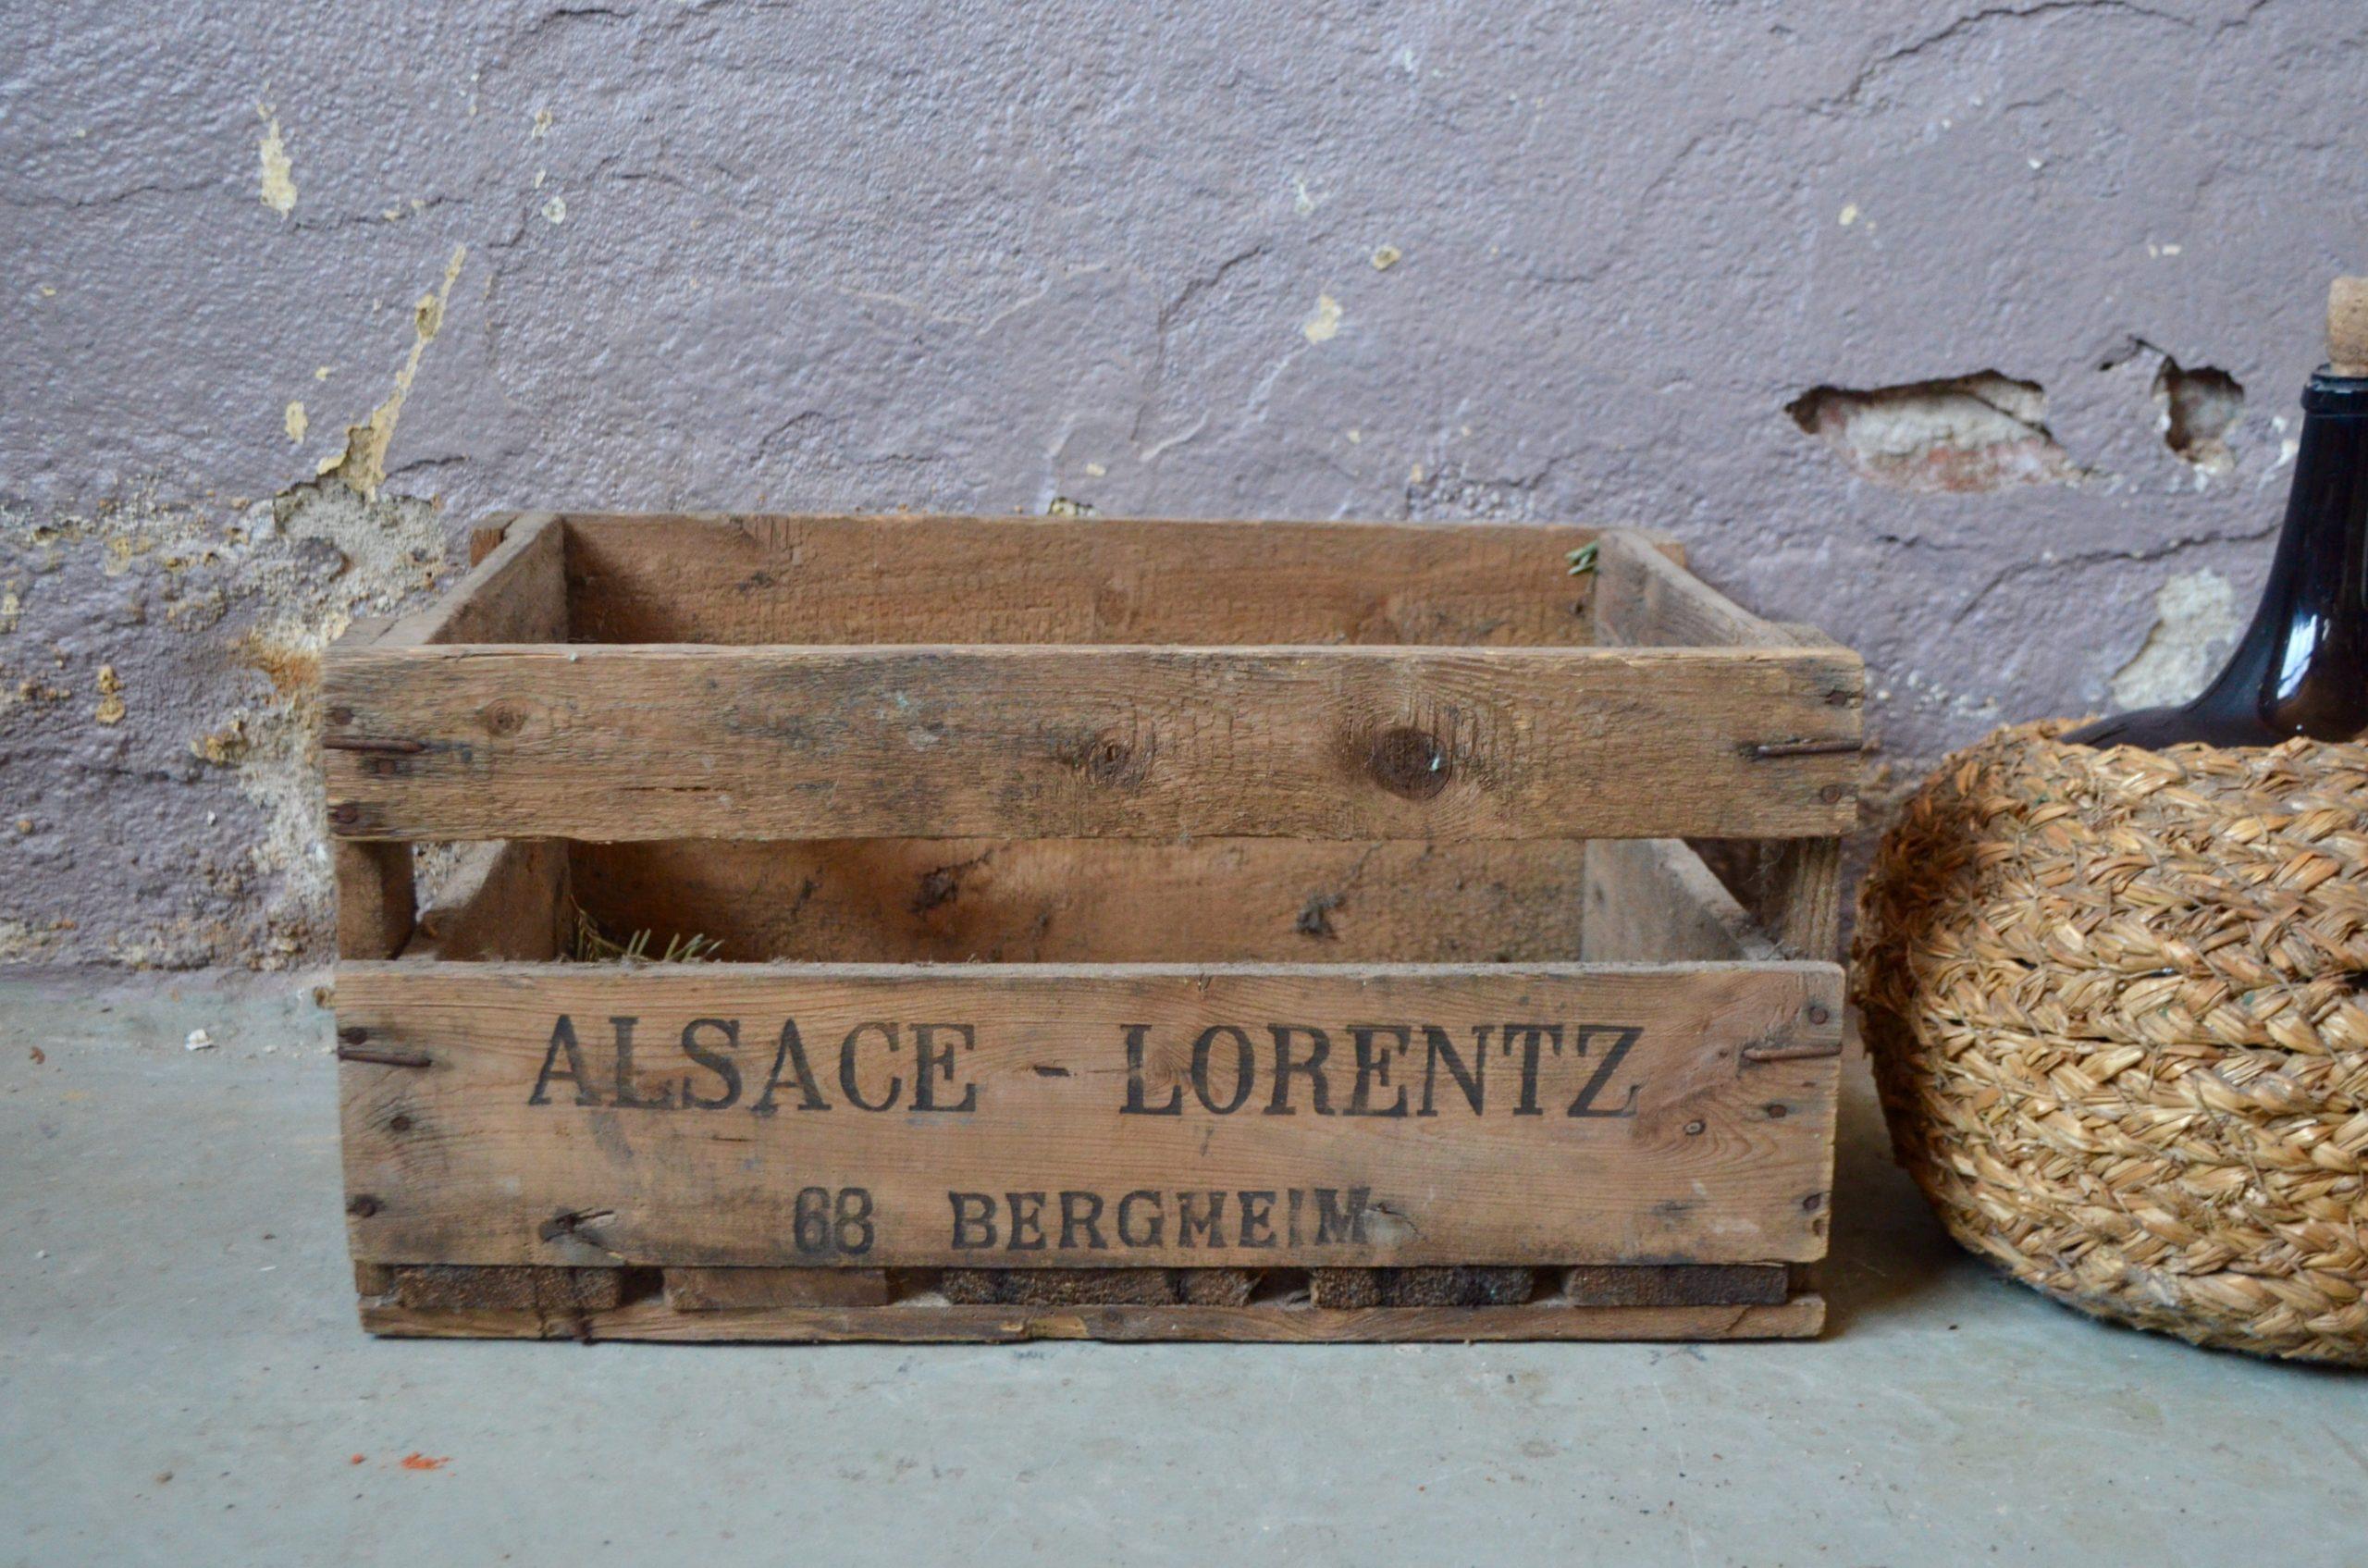 Cette caisse à bouteilles au look bohème et rustique était utilisées autrefois pour la livraison des vins dans les débits de boisson, leurs propriétaires y inscrivaient leur nom, afin de les récupérer après usage pleines de bouteilles vides! Celle ci porte le nom de Gustave Lorentz, maison de négoce reconnue installée à Bergheim au coeur de l'Alsace viticole. En bois massif, la caisse présente une patine du plus bel effet. Détournée ou pour y ranger les bouteilles, ce casier vintage apportera, en plus de son côté pratique, charme rustique et authenticité...